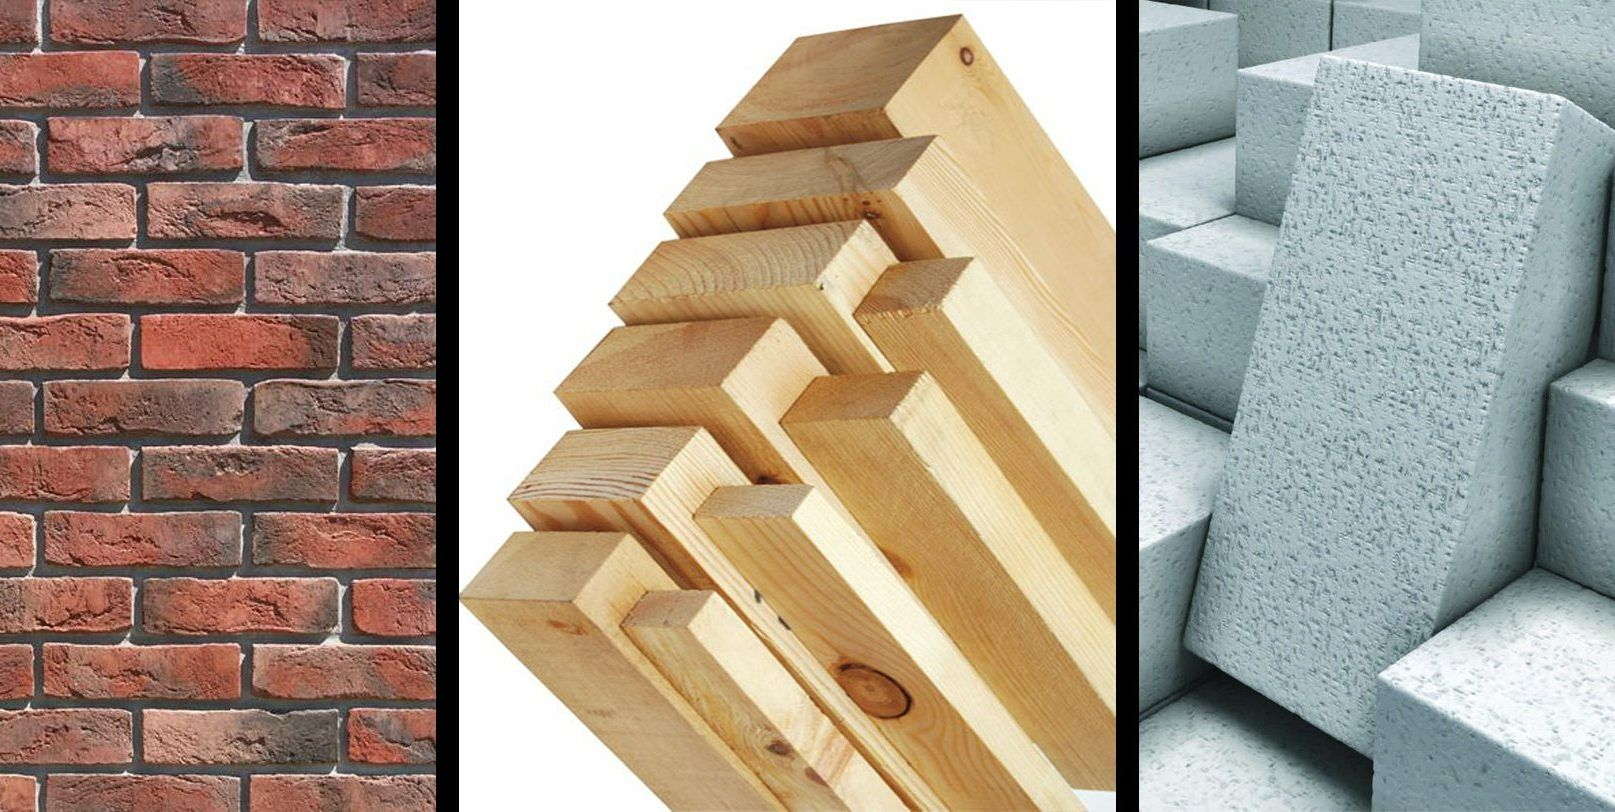 Из чего лучше строить дом? обзор и сравнение популярных материалов (100 фото)